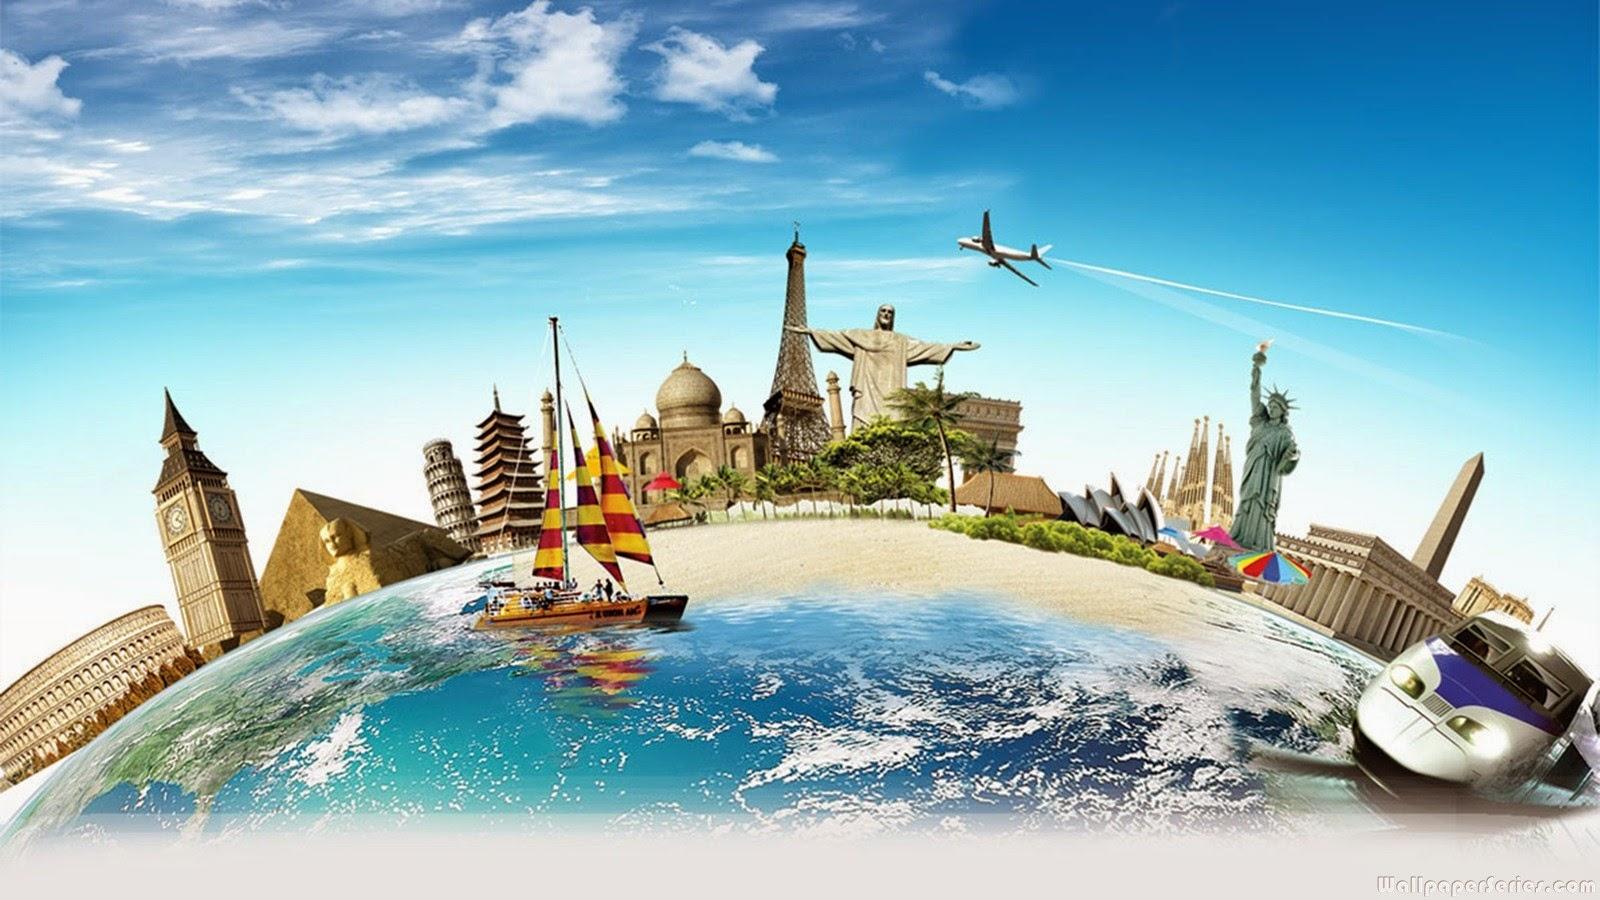 Travel World Tourism Religious TourismBusiness